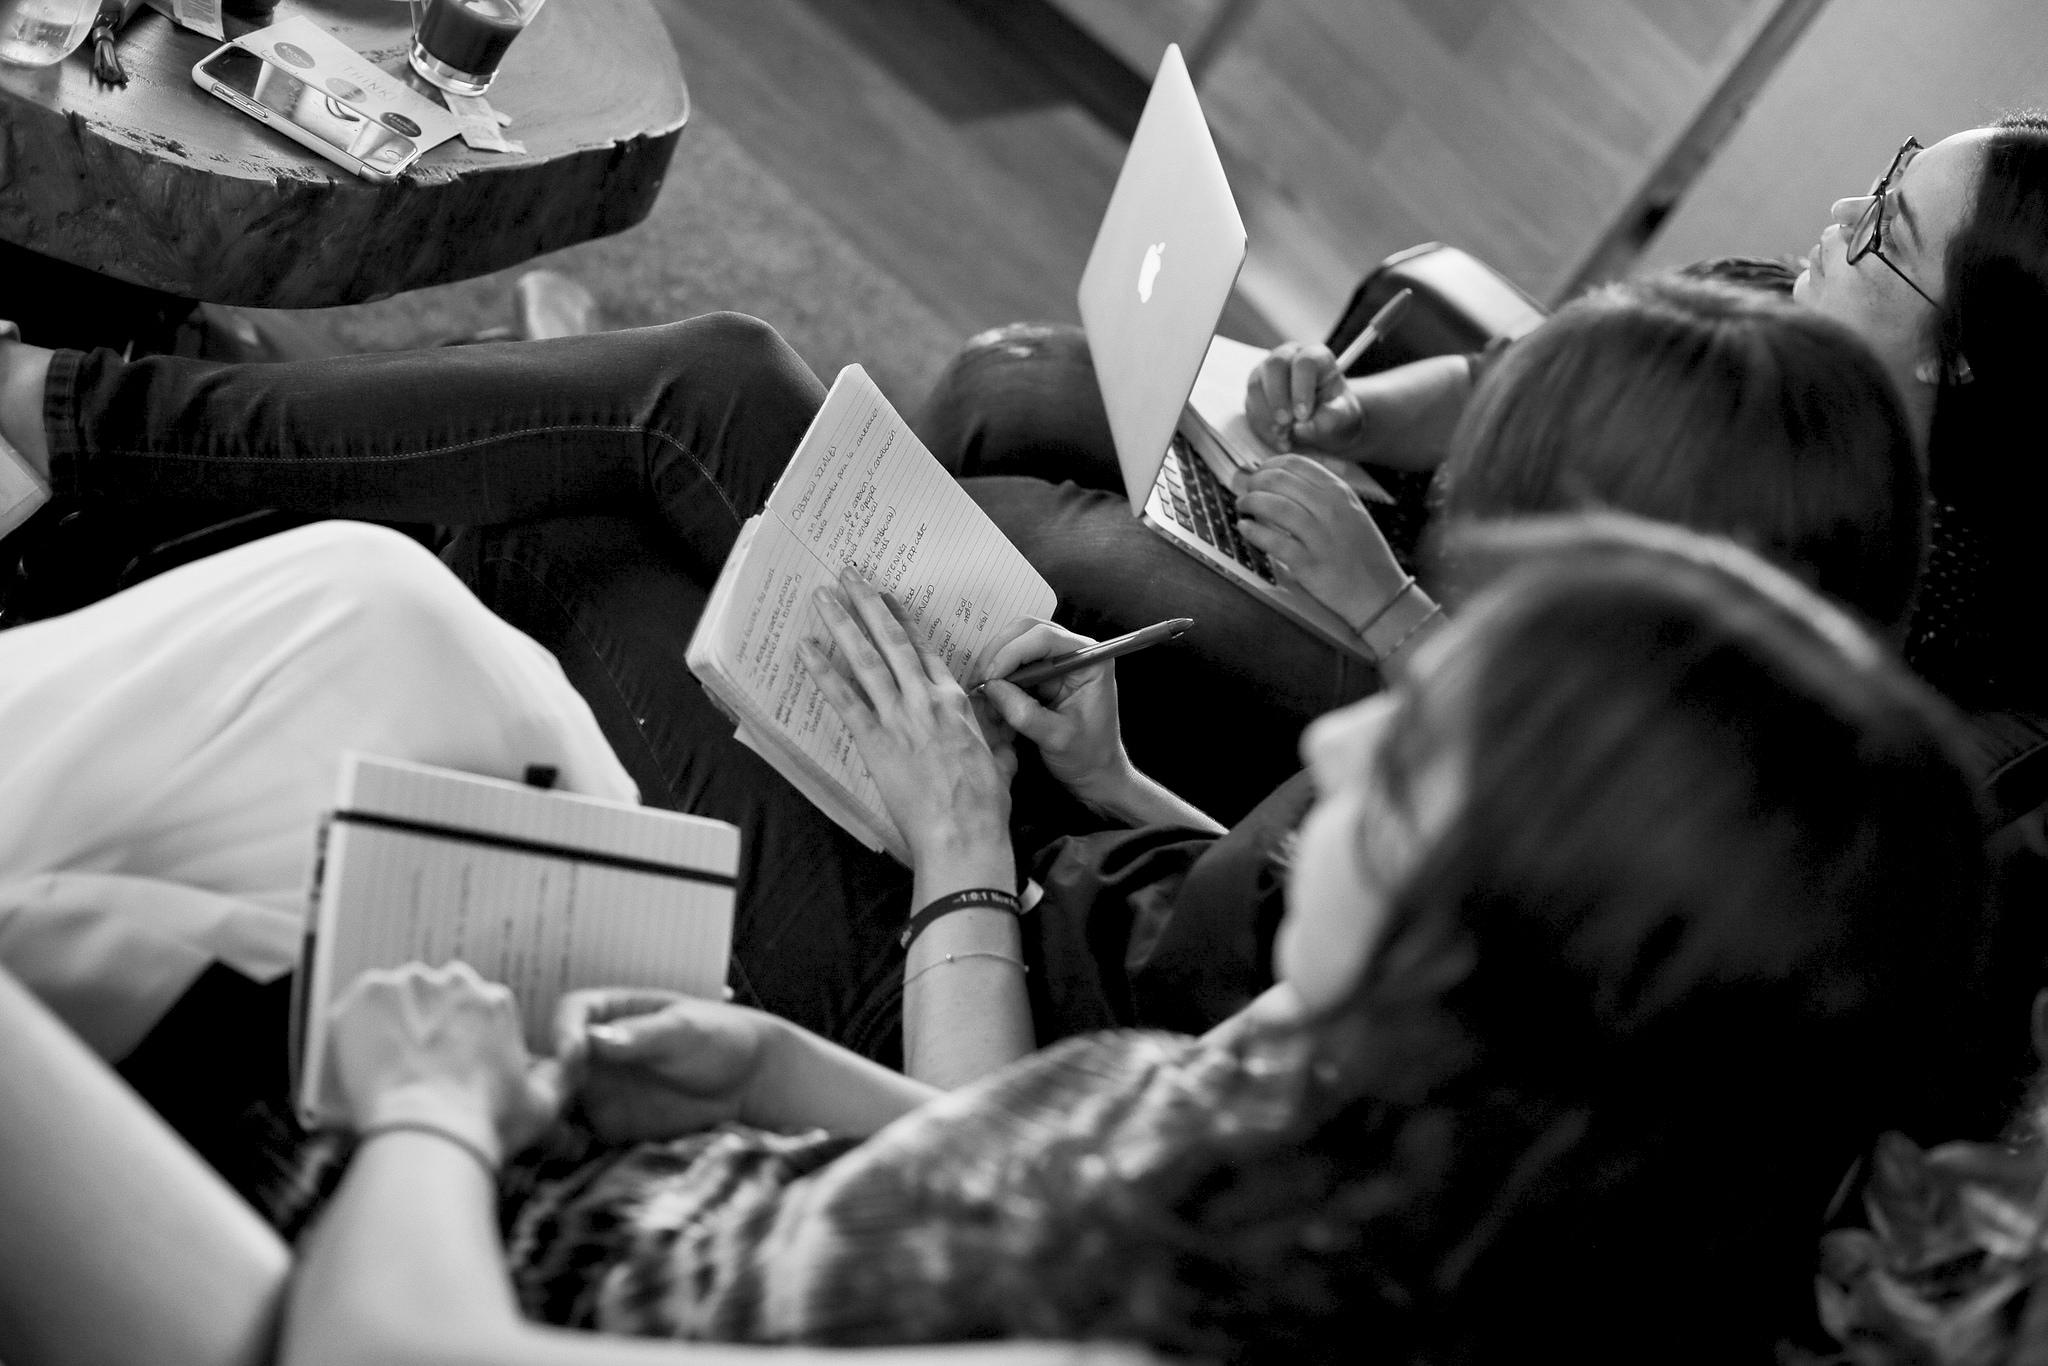 MISIÓN - Desarrollar profesionales que transformen su realidad positivamente; dispuestos a encarar los cambios permanentes con espíritu de colaboración y trabajo en equipo.Ser la opción académica formal para el talento diferente y el pensamiento lateral, otorgarle las herramientas indispensables para la competitividad en un mundo sin fronteras intelectuales.